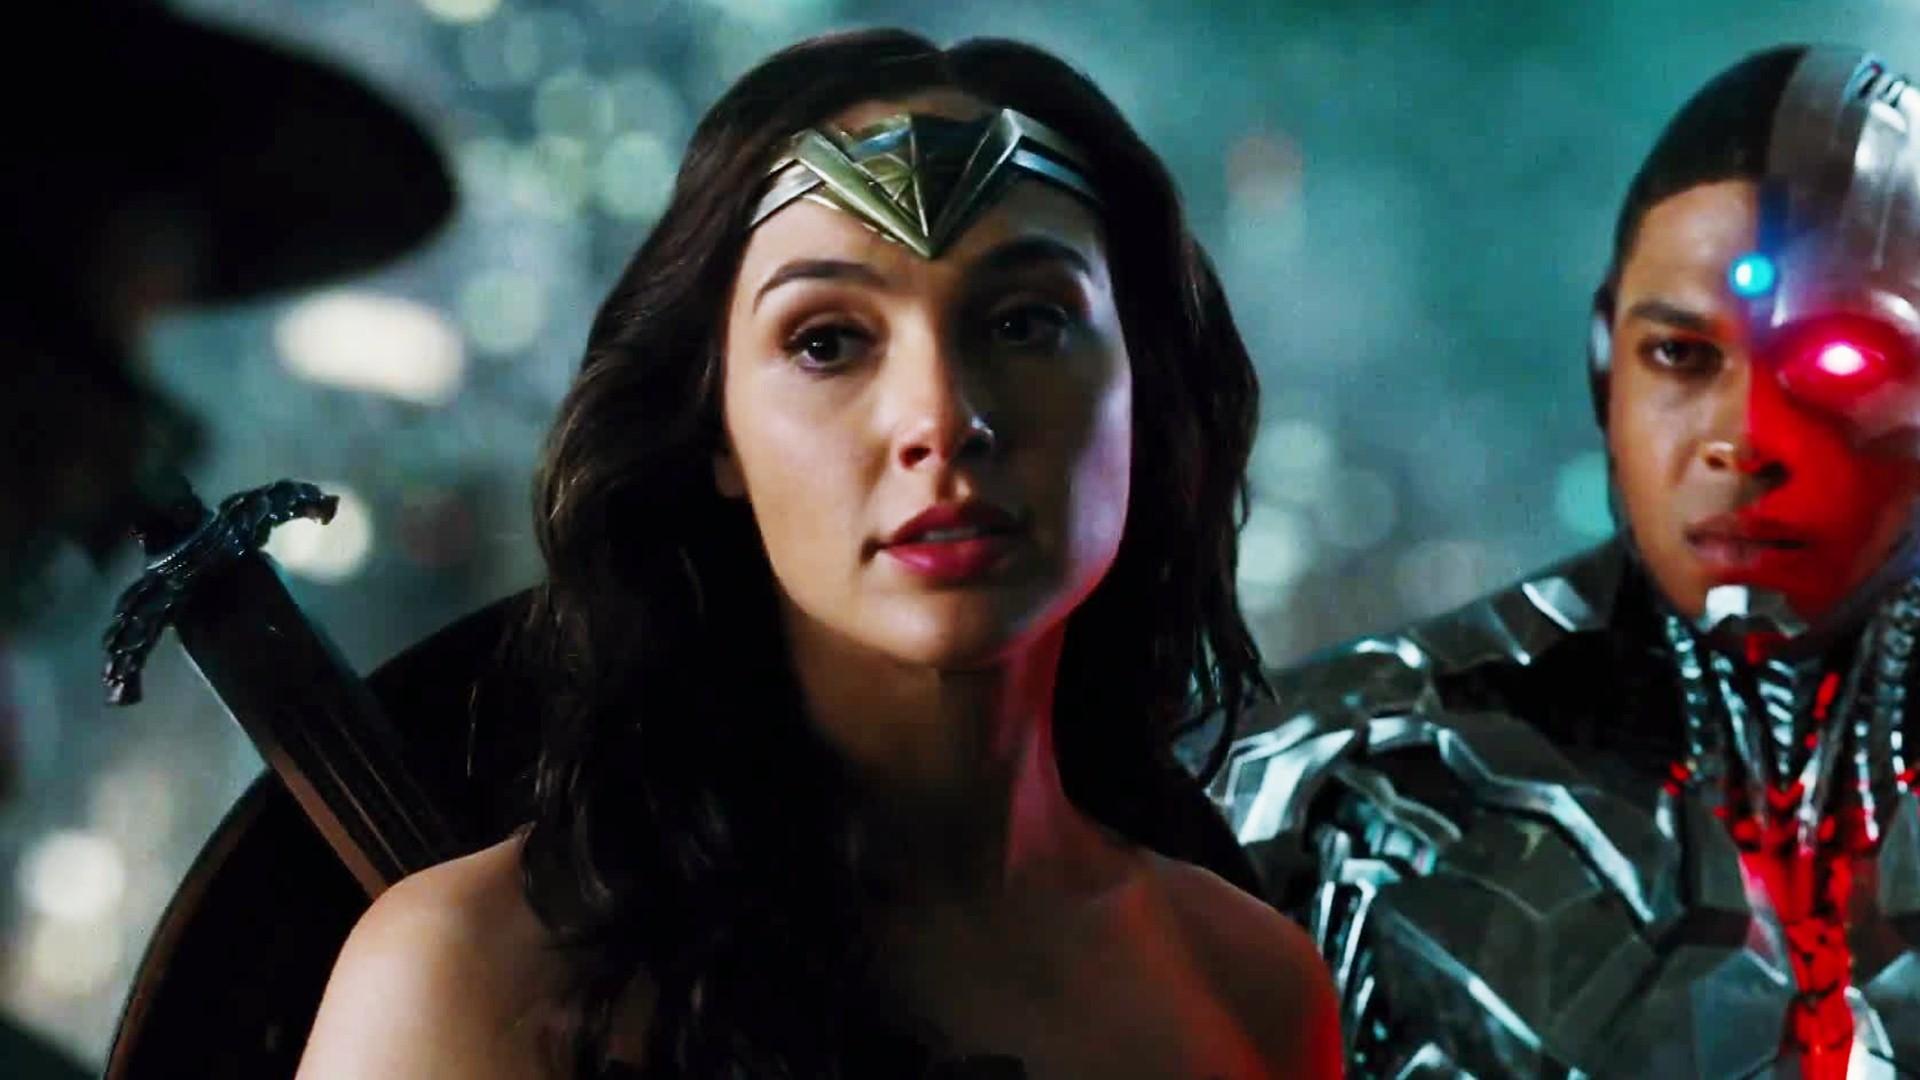 Wallpaper Wonder Woman